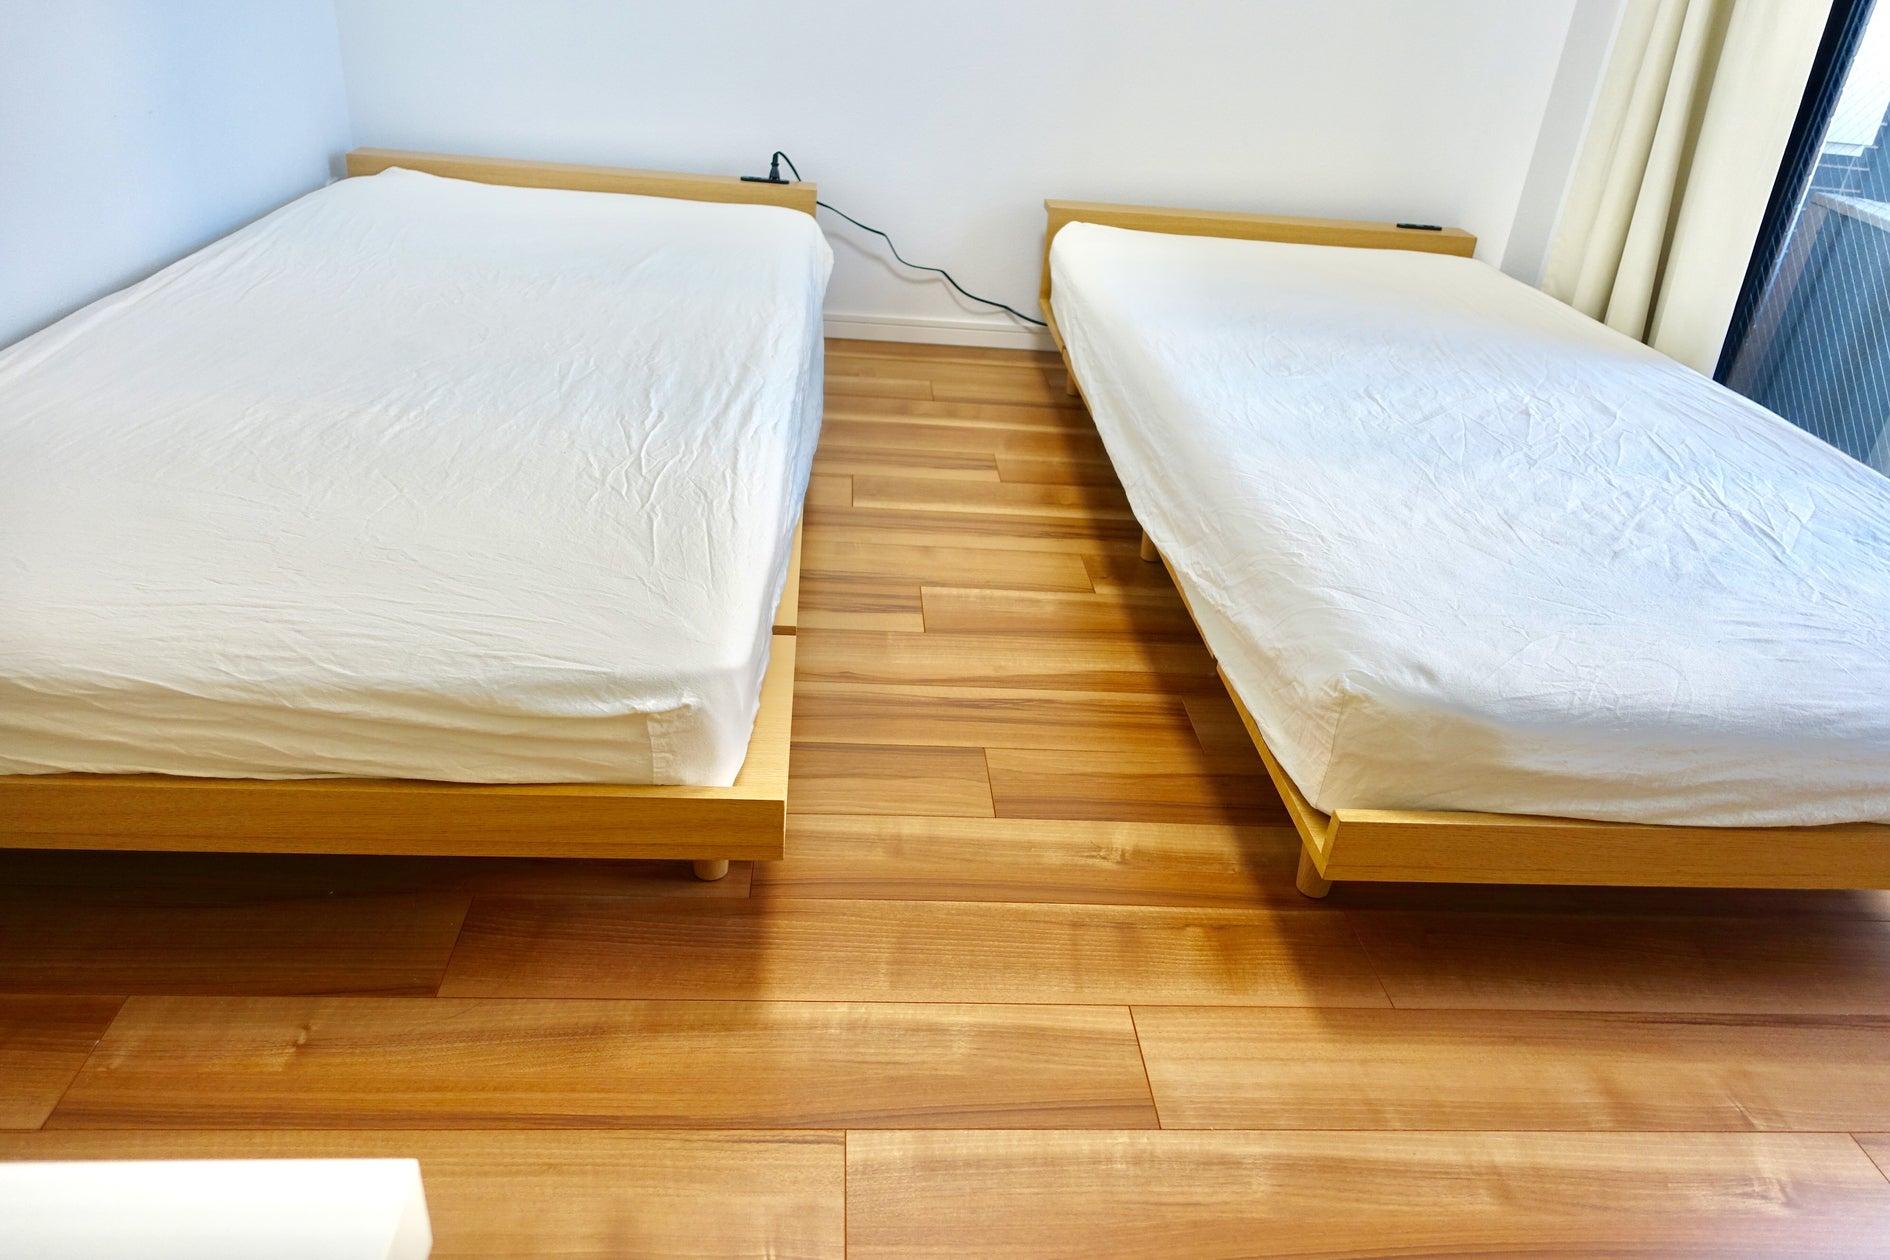 キッチン付きデザイナーズスペース11!女子会・誕生日会・ママ会・コスプレ撮影などに! の写真